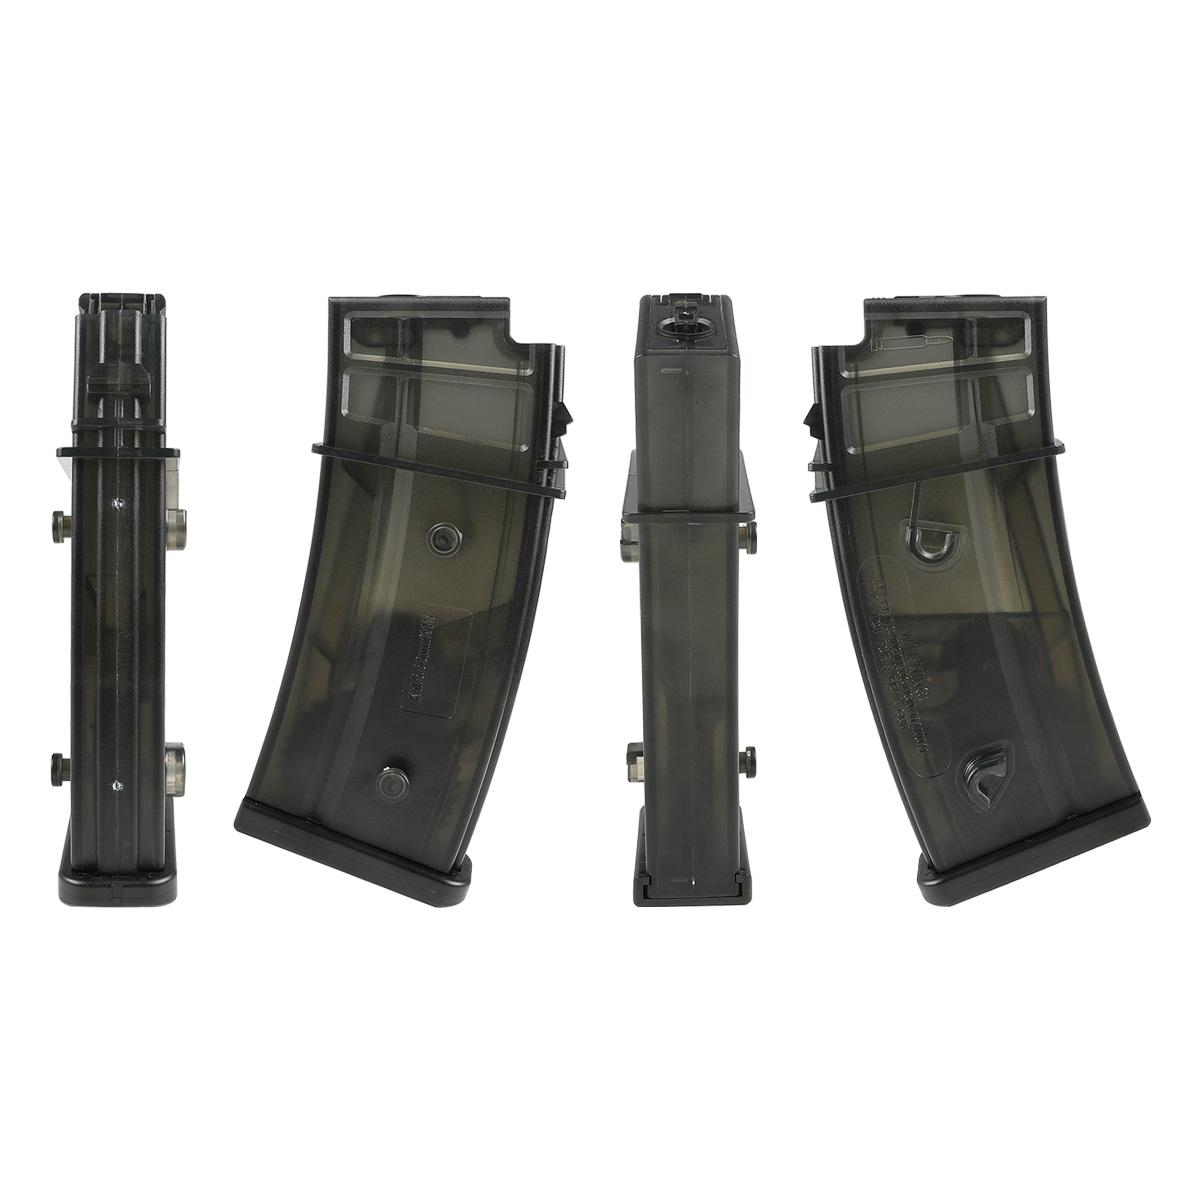 【同梱不可】 SRC H&K XM8-R フルサイズ電動ガン NV Black (JP Ver.) 【配送業者:佐川急便限定】